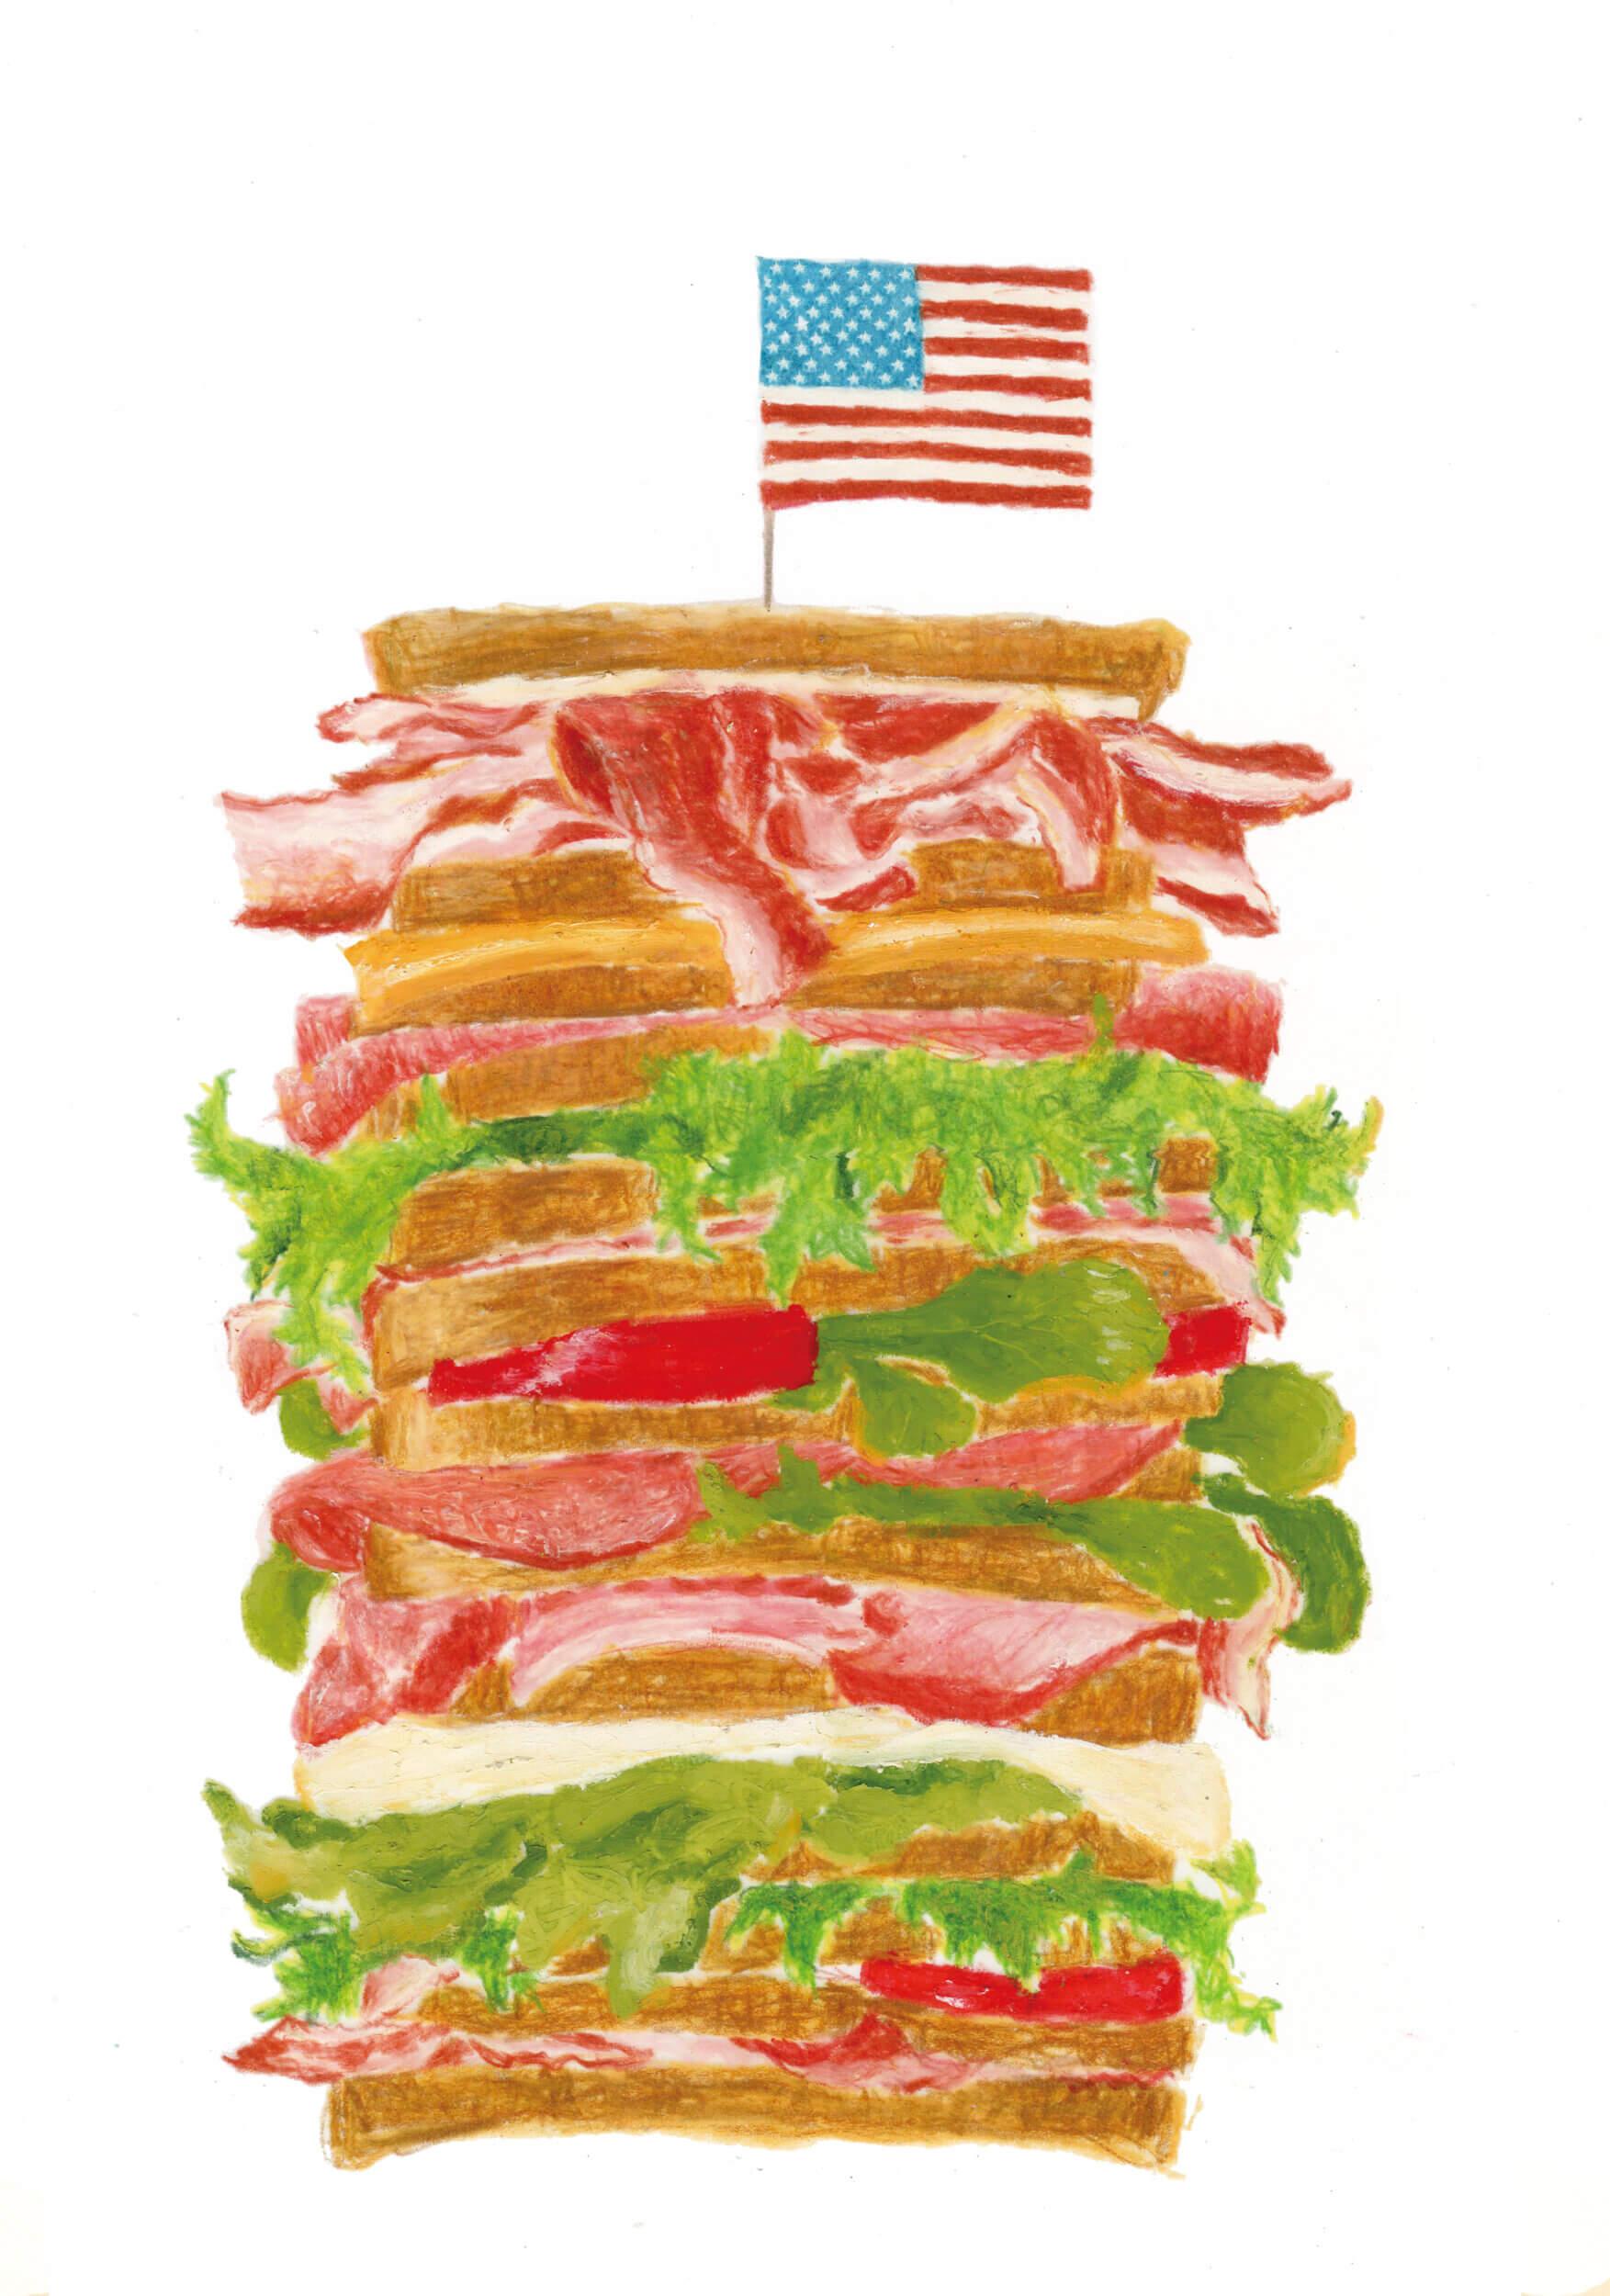 パンフレット 米国食肉輸出連合会 2013年「ハンバーガー」